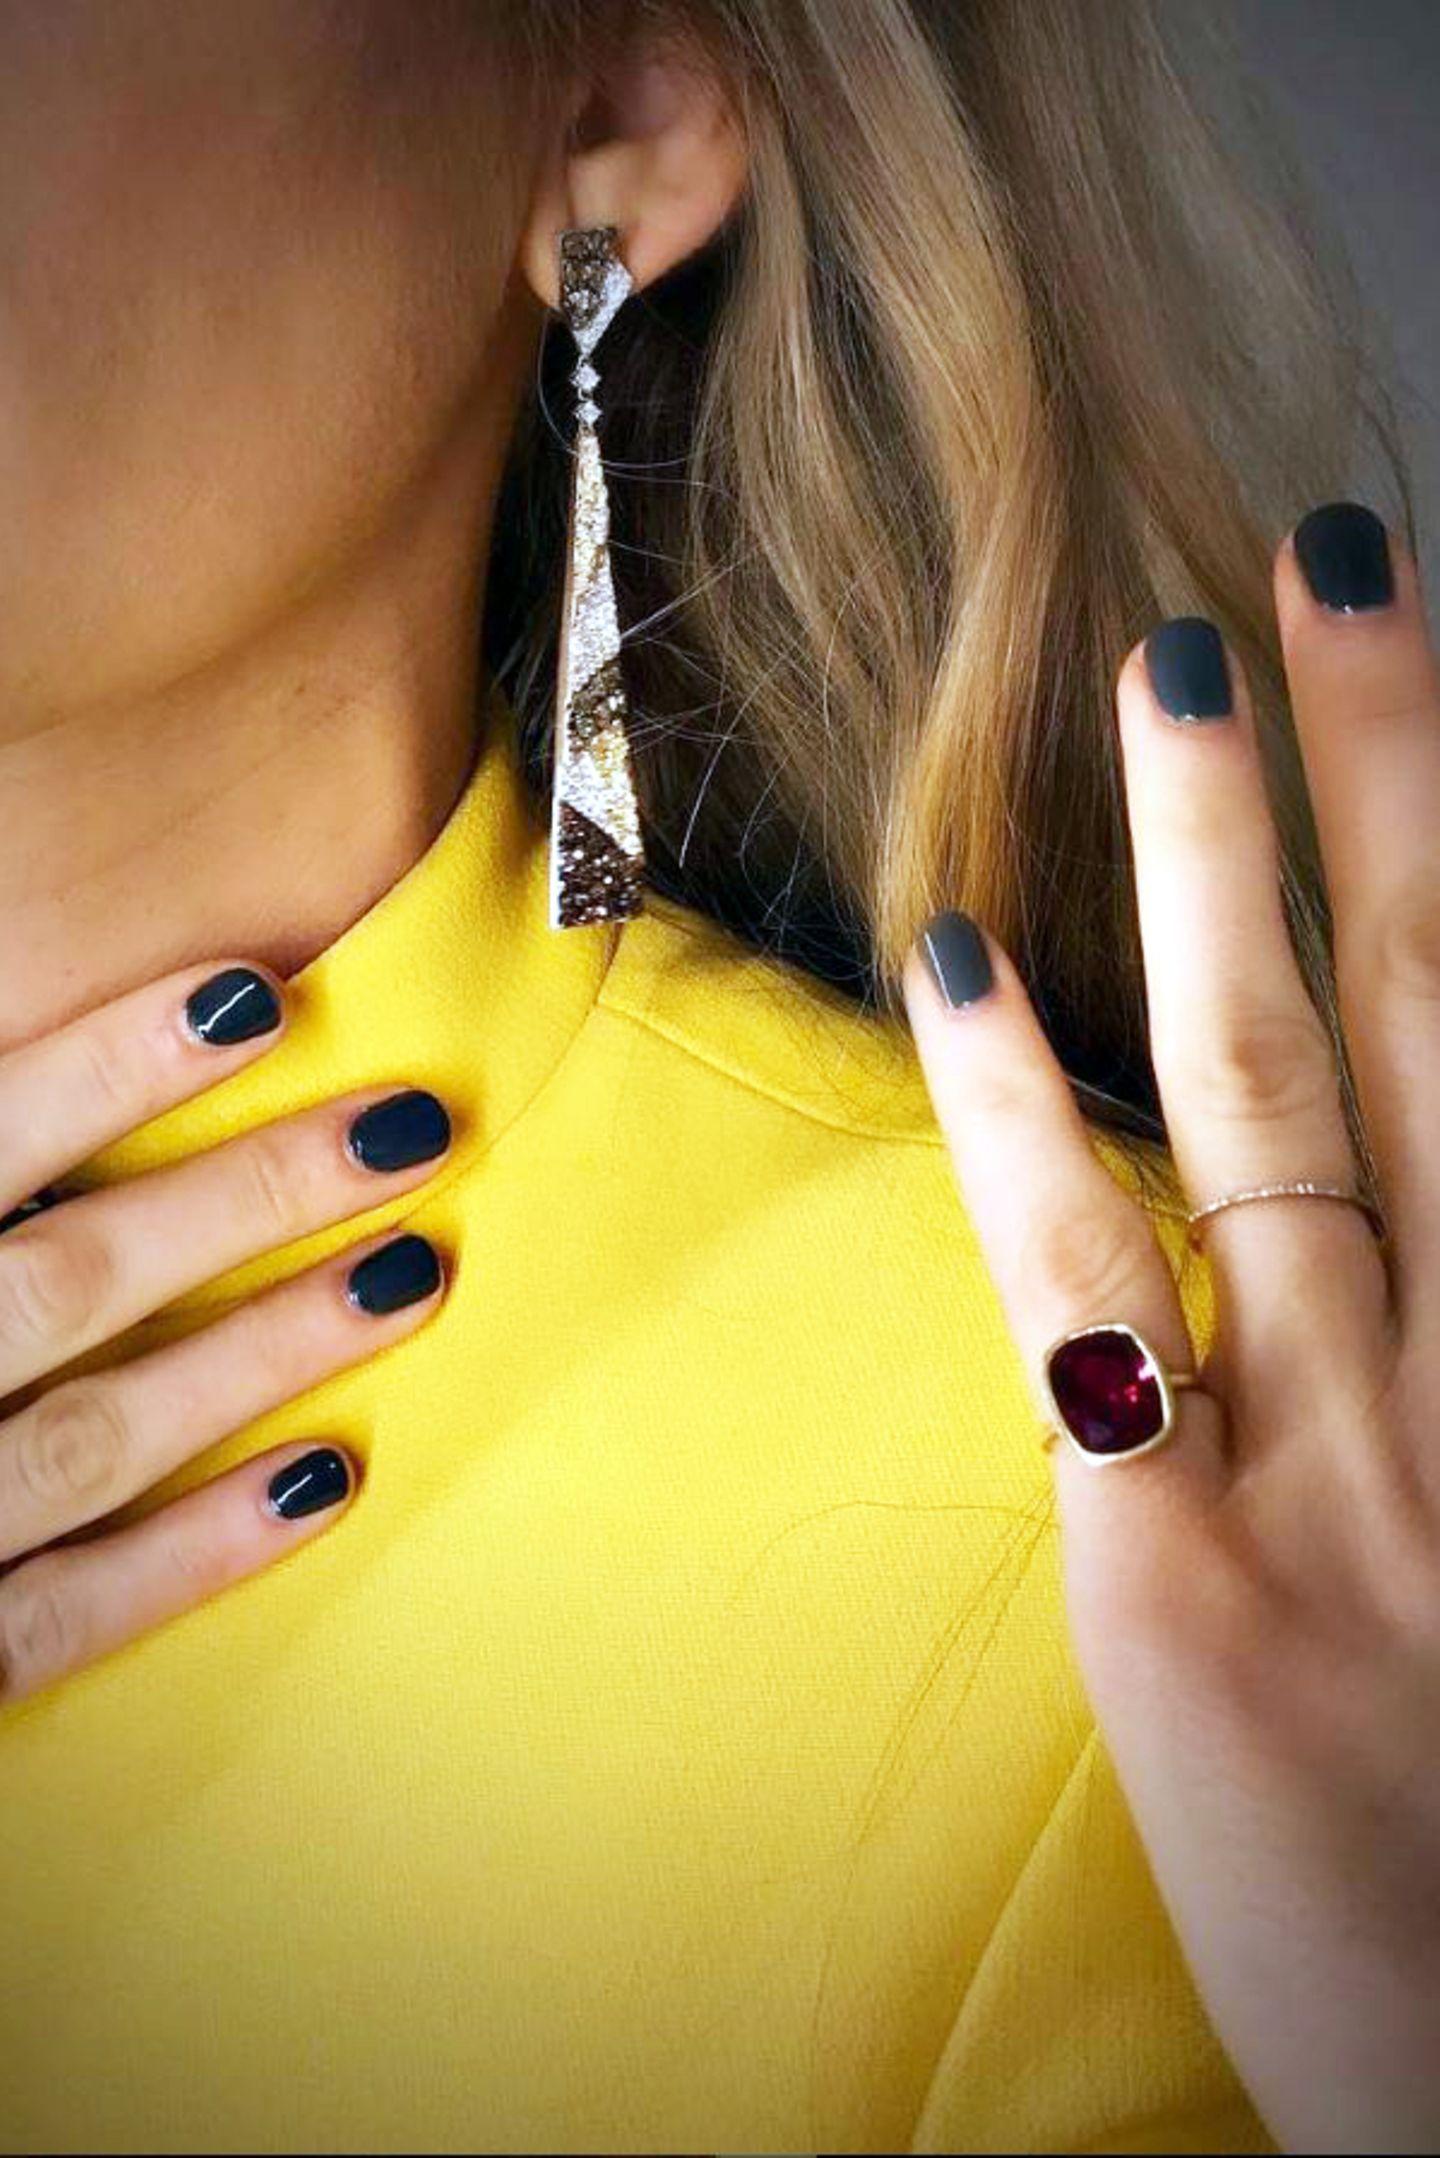 """Dieser Anblick dürfte Frauenherzen schneller schlagen lassen: Traumhaft schöne Ohrringe und Ringe mit verschiedenfarbigen Edelsteinen von """"Lorraine Schwartz"""" kombiniert Blake zu einem goldenen Statement-Ring (rechts im Bild) von """"Ofira""""."""